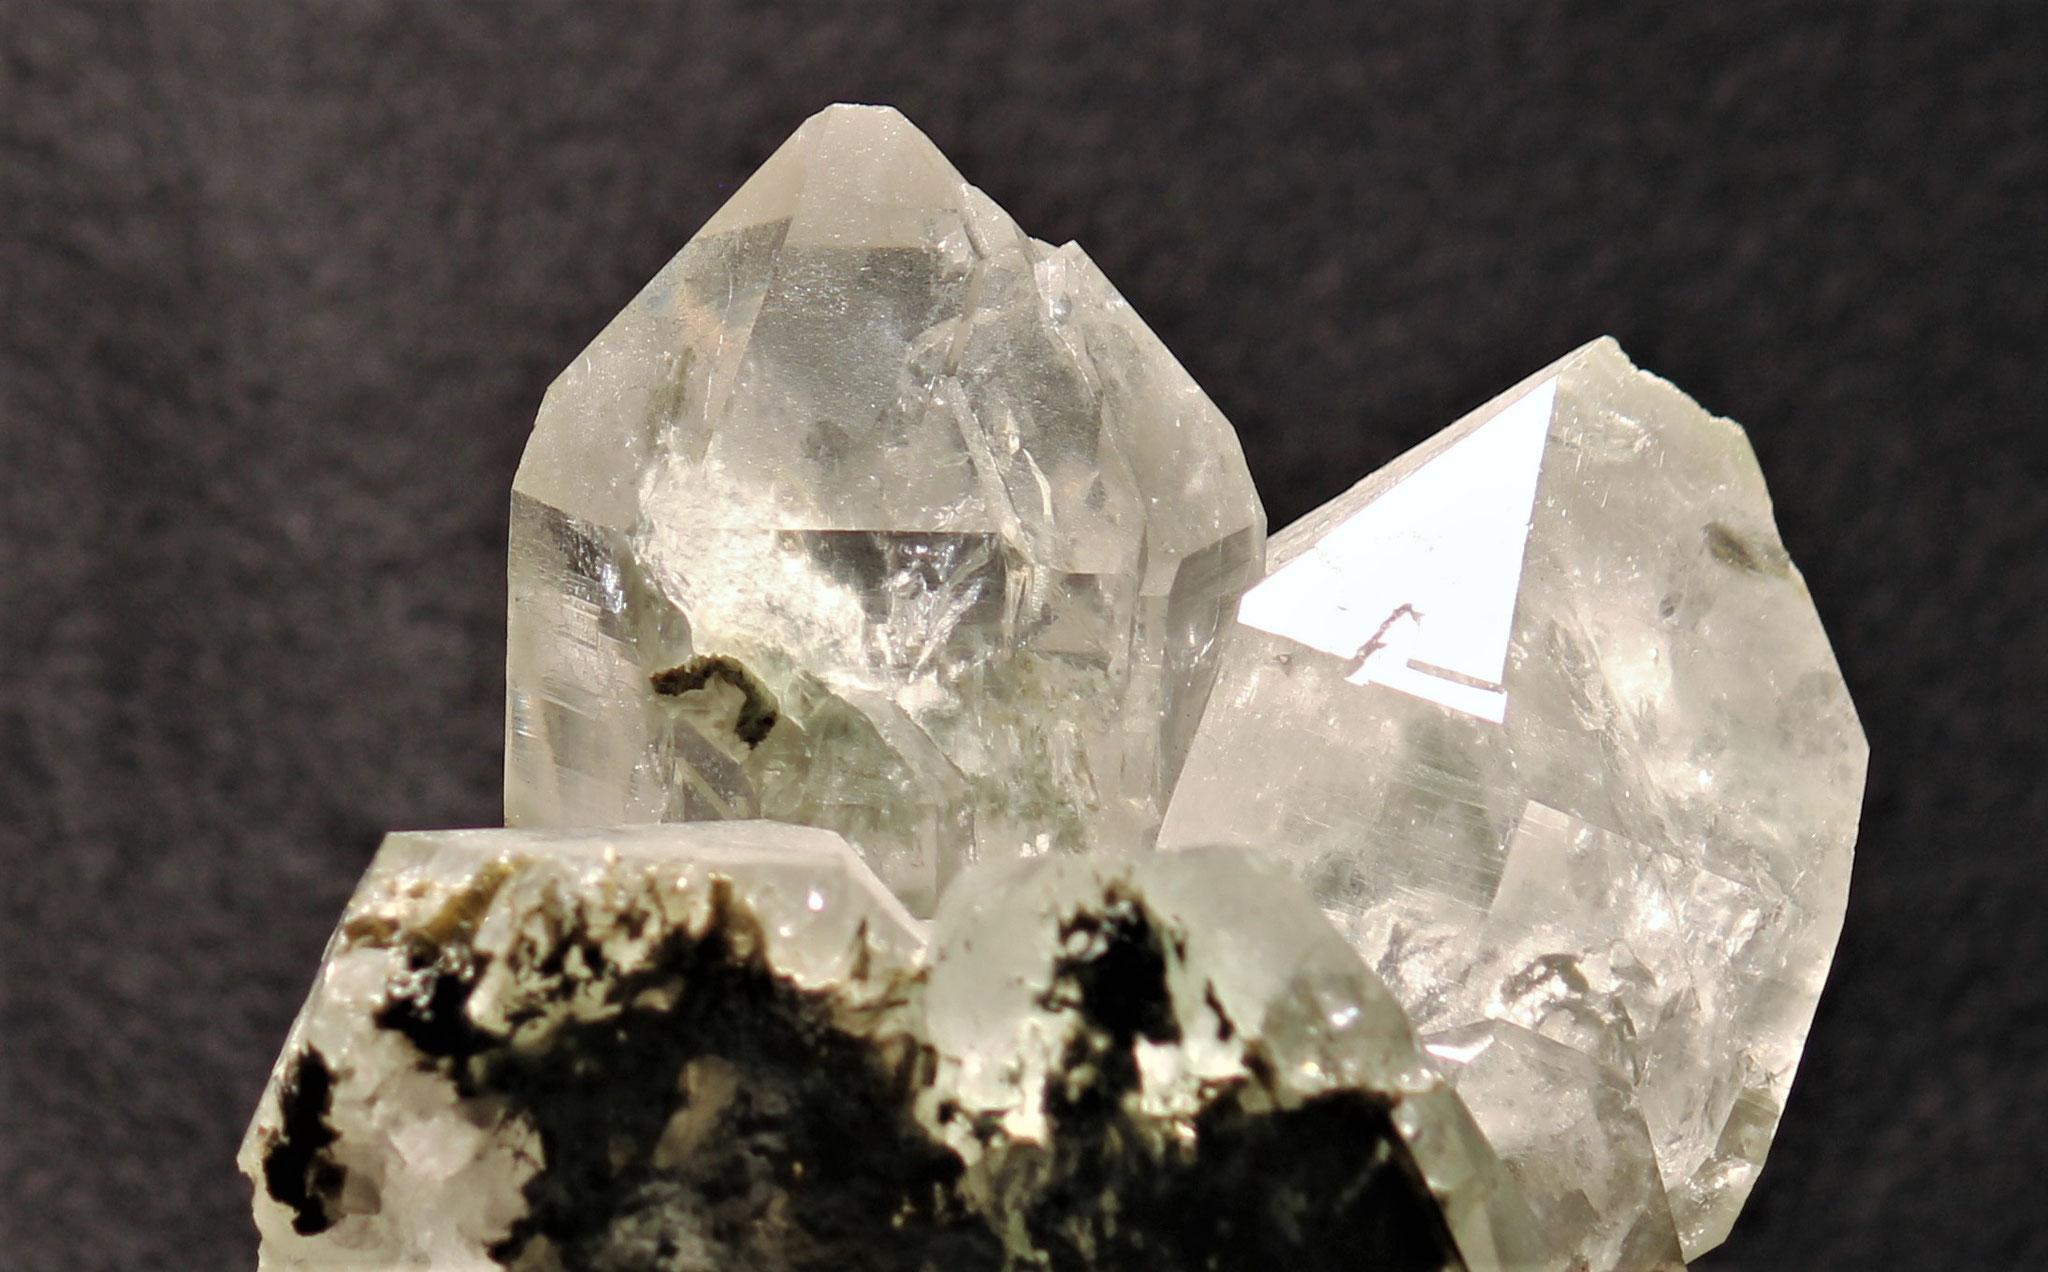 Grosser Bergkristall mit Amiant, Val Cavrein (GR)